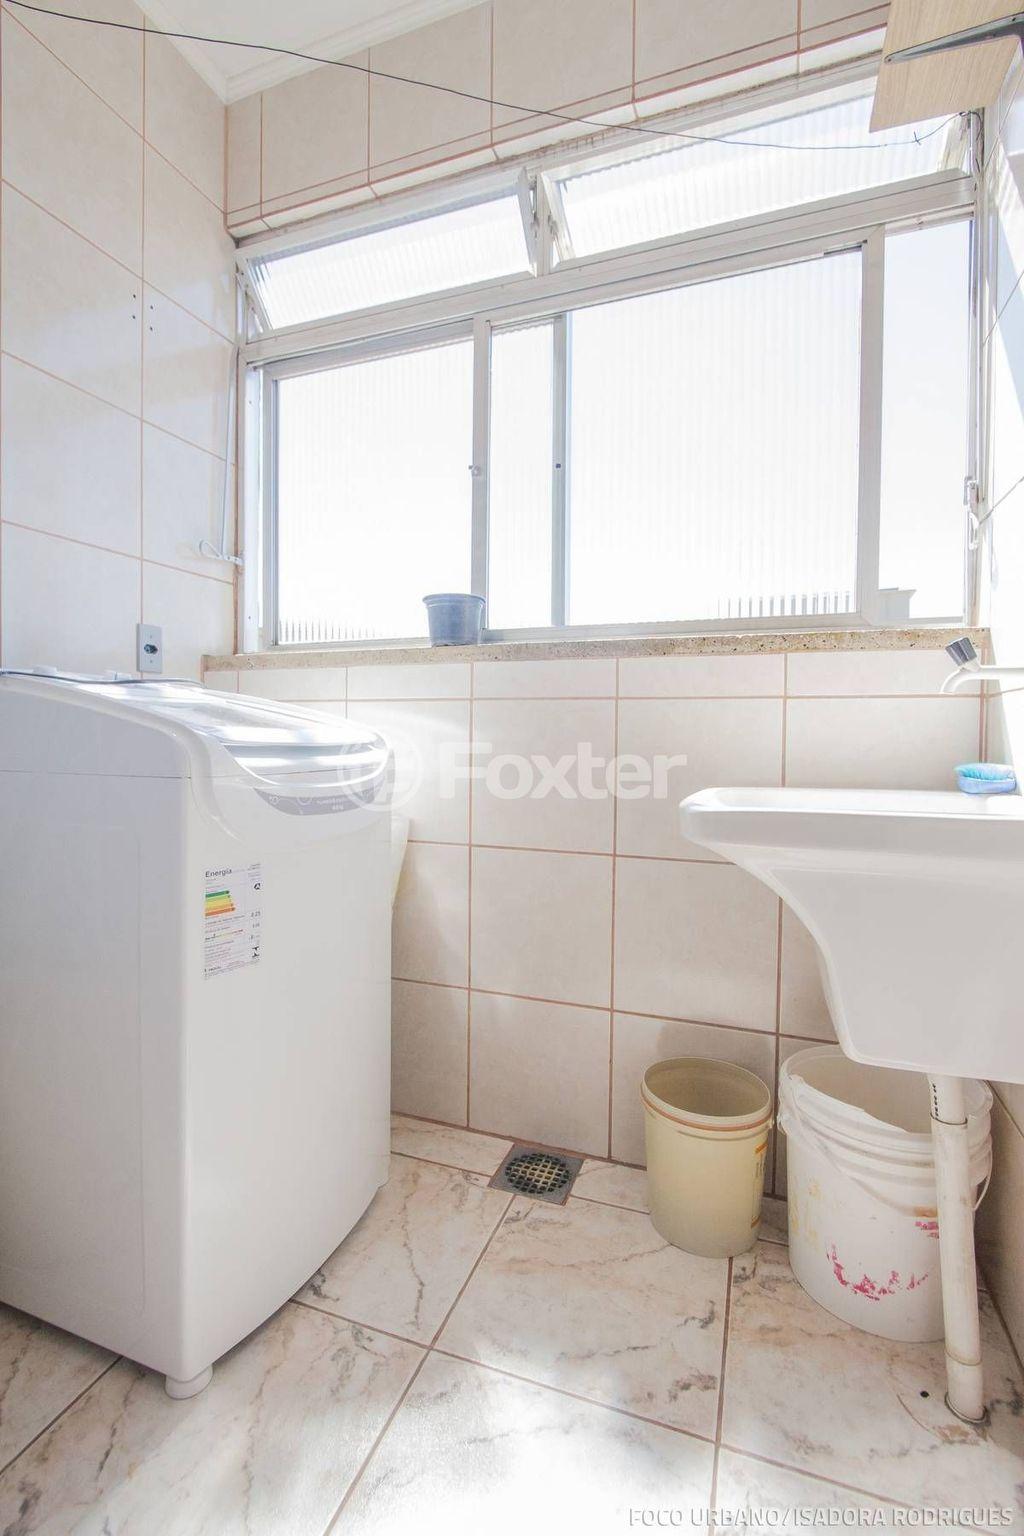 Foxter Imobiliária - Apto 1 Dorm, Vila Jardim - Foto 17